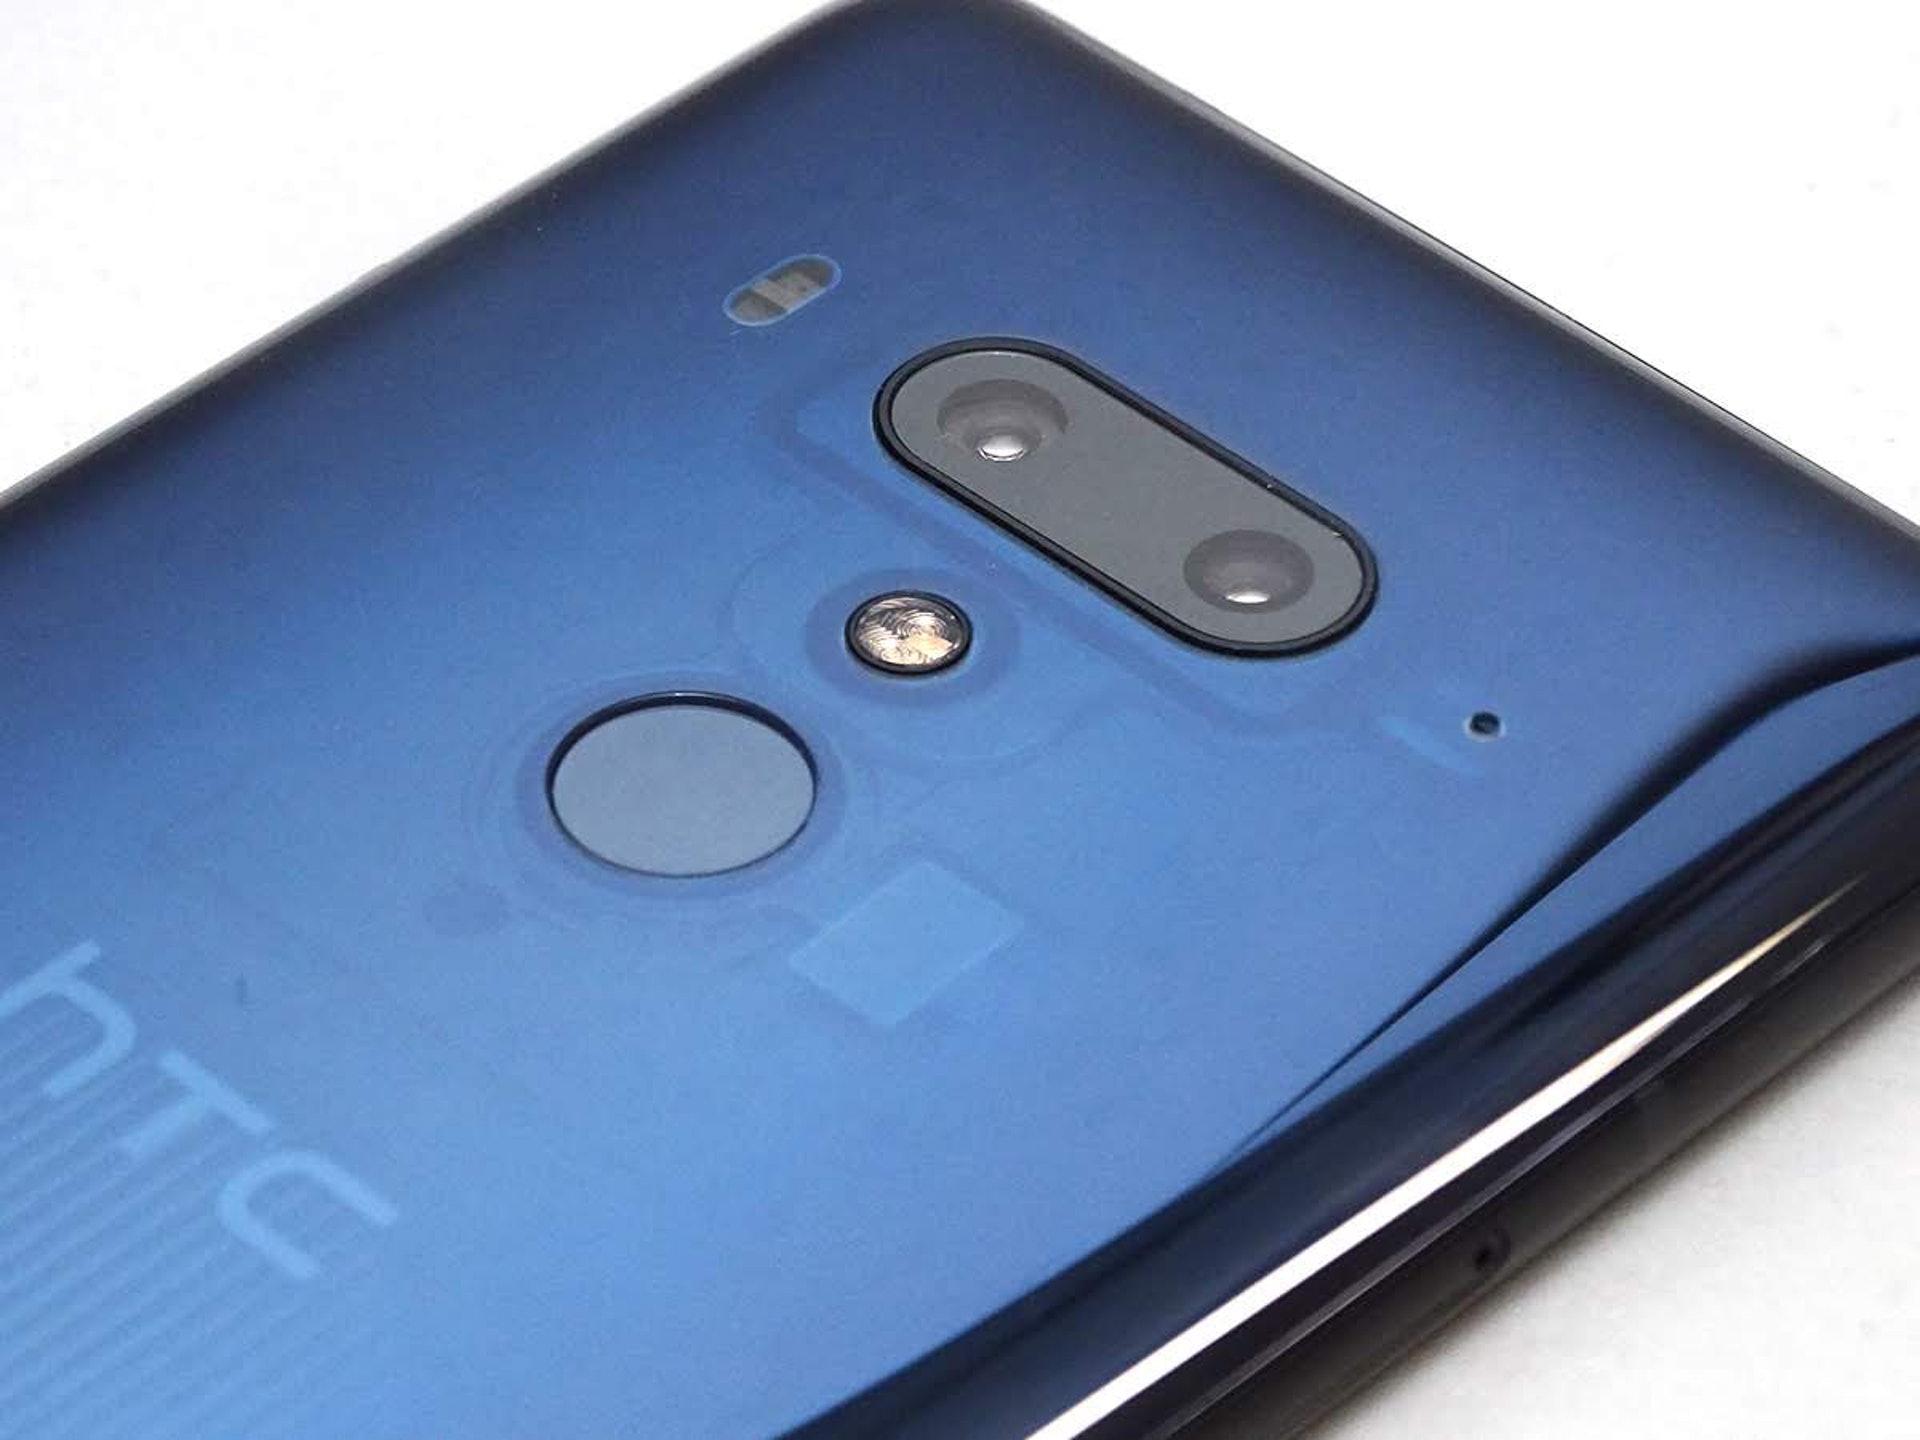 Avec des ventes réduites de moitié, HTC traverse actuellement la pire crise de son histoire